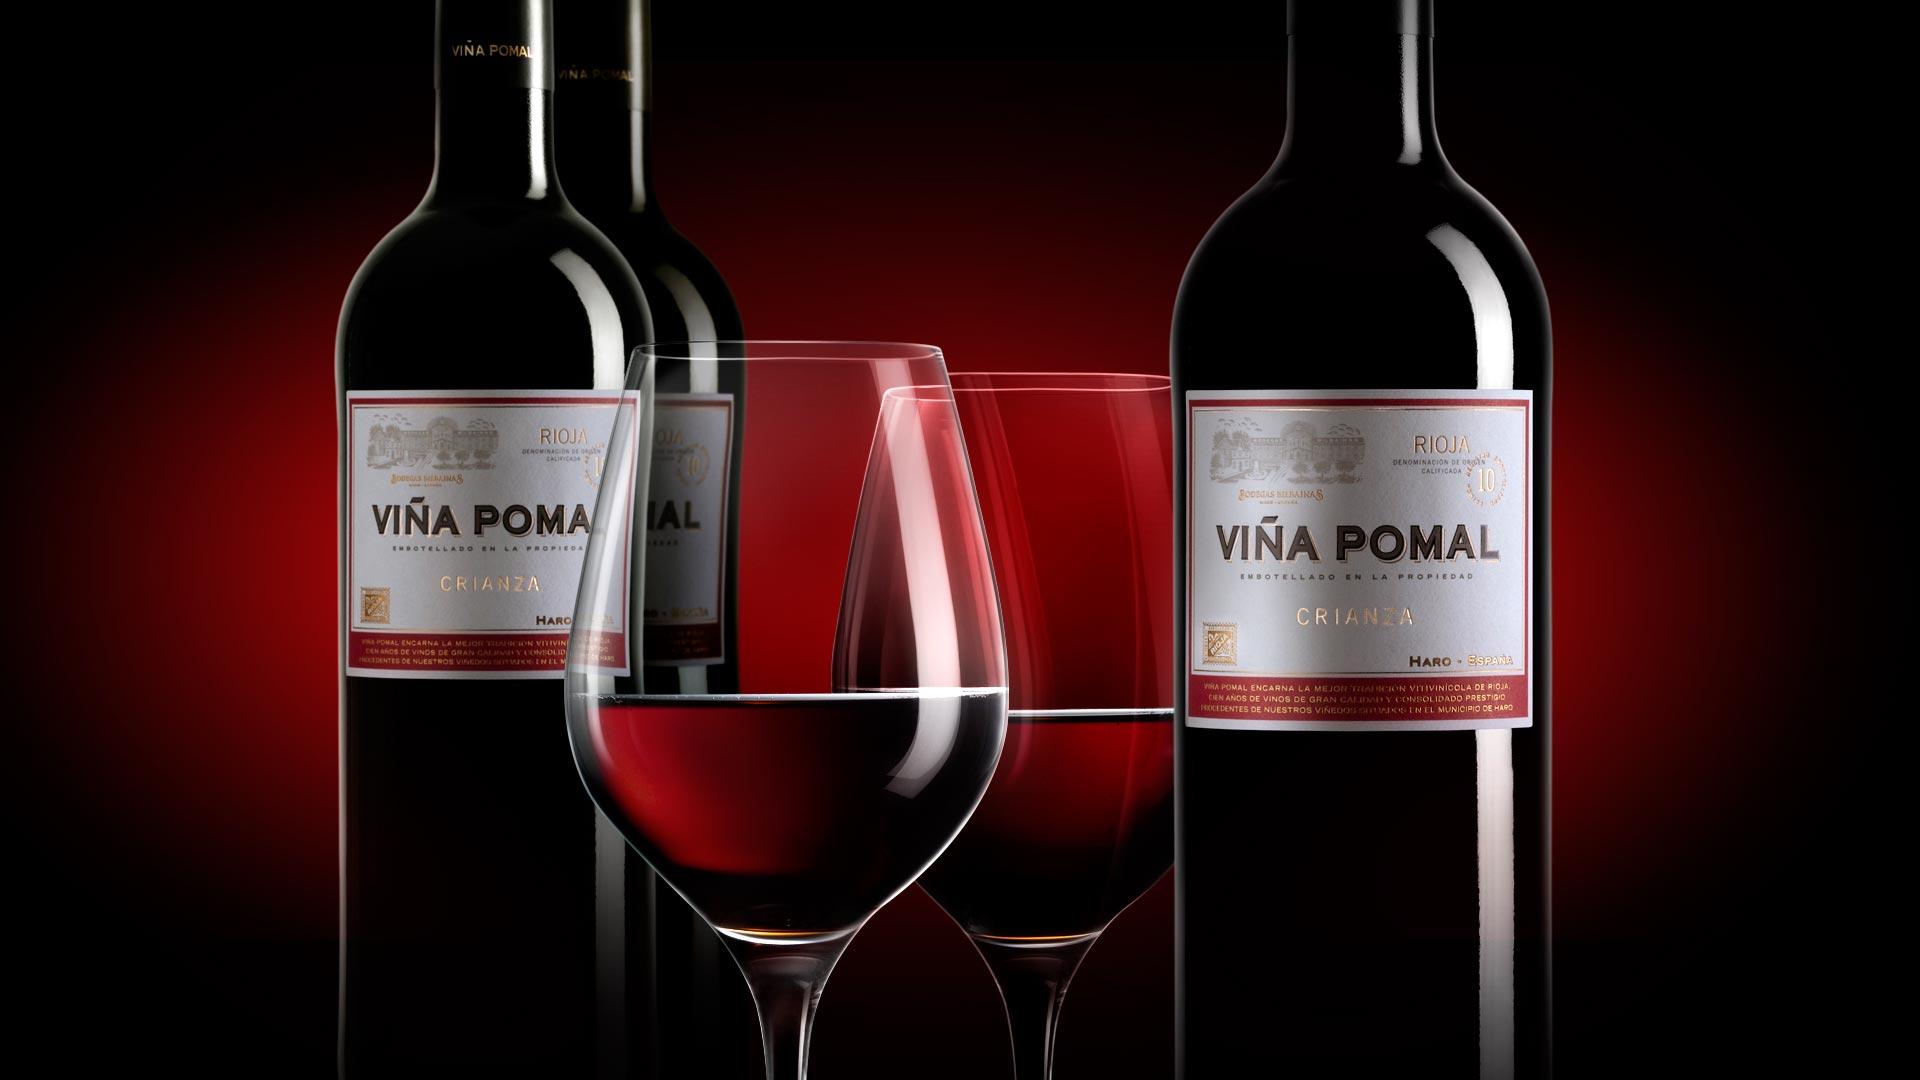 pr_f1p1c-vina-pomal-01